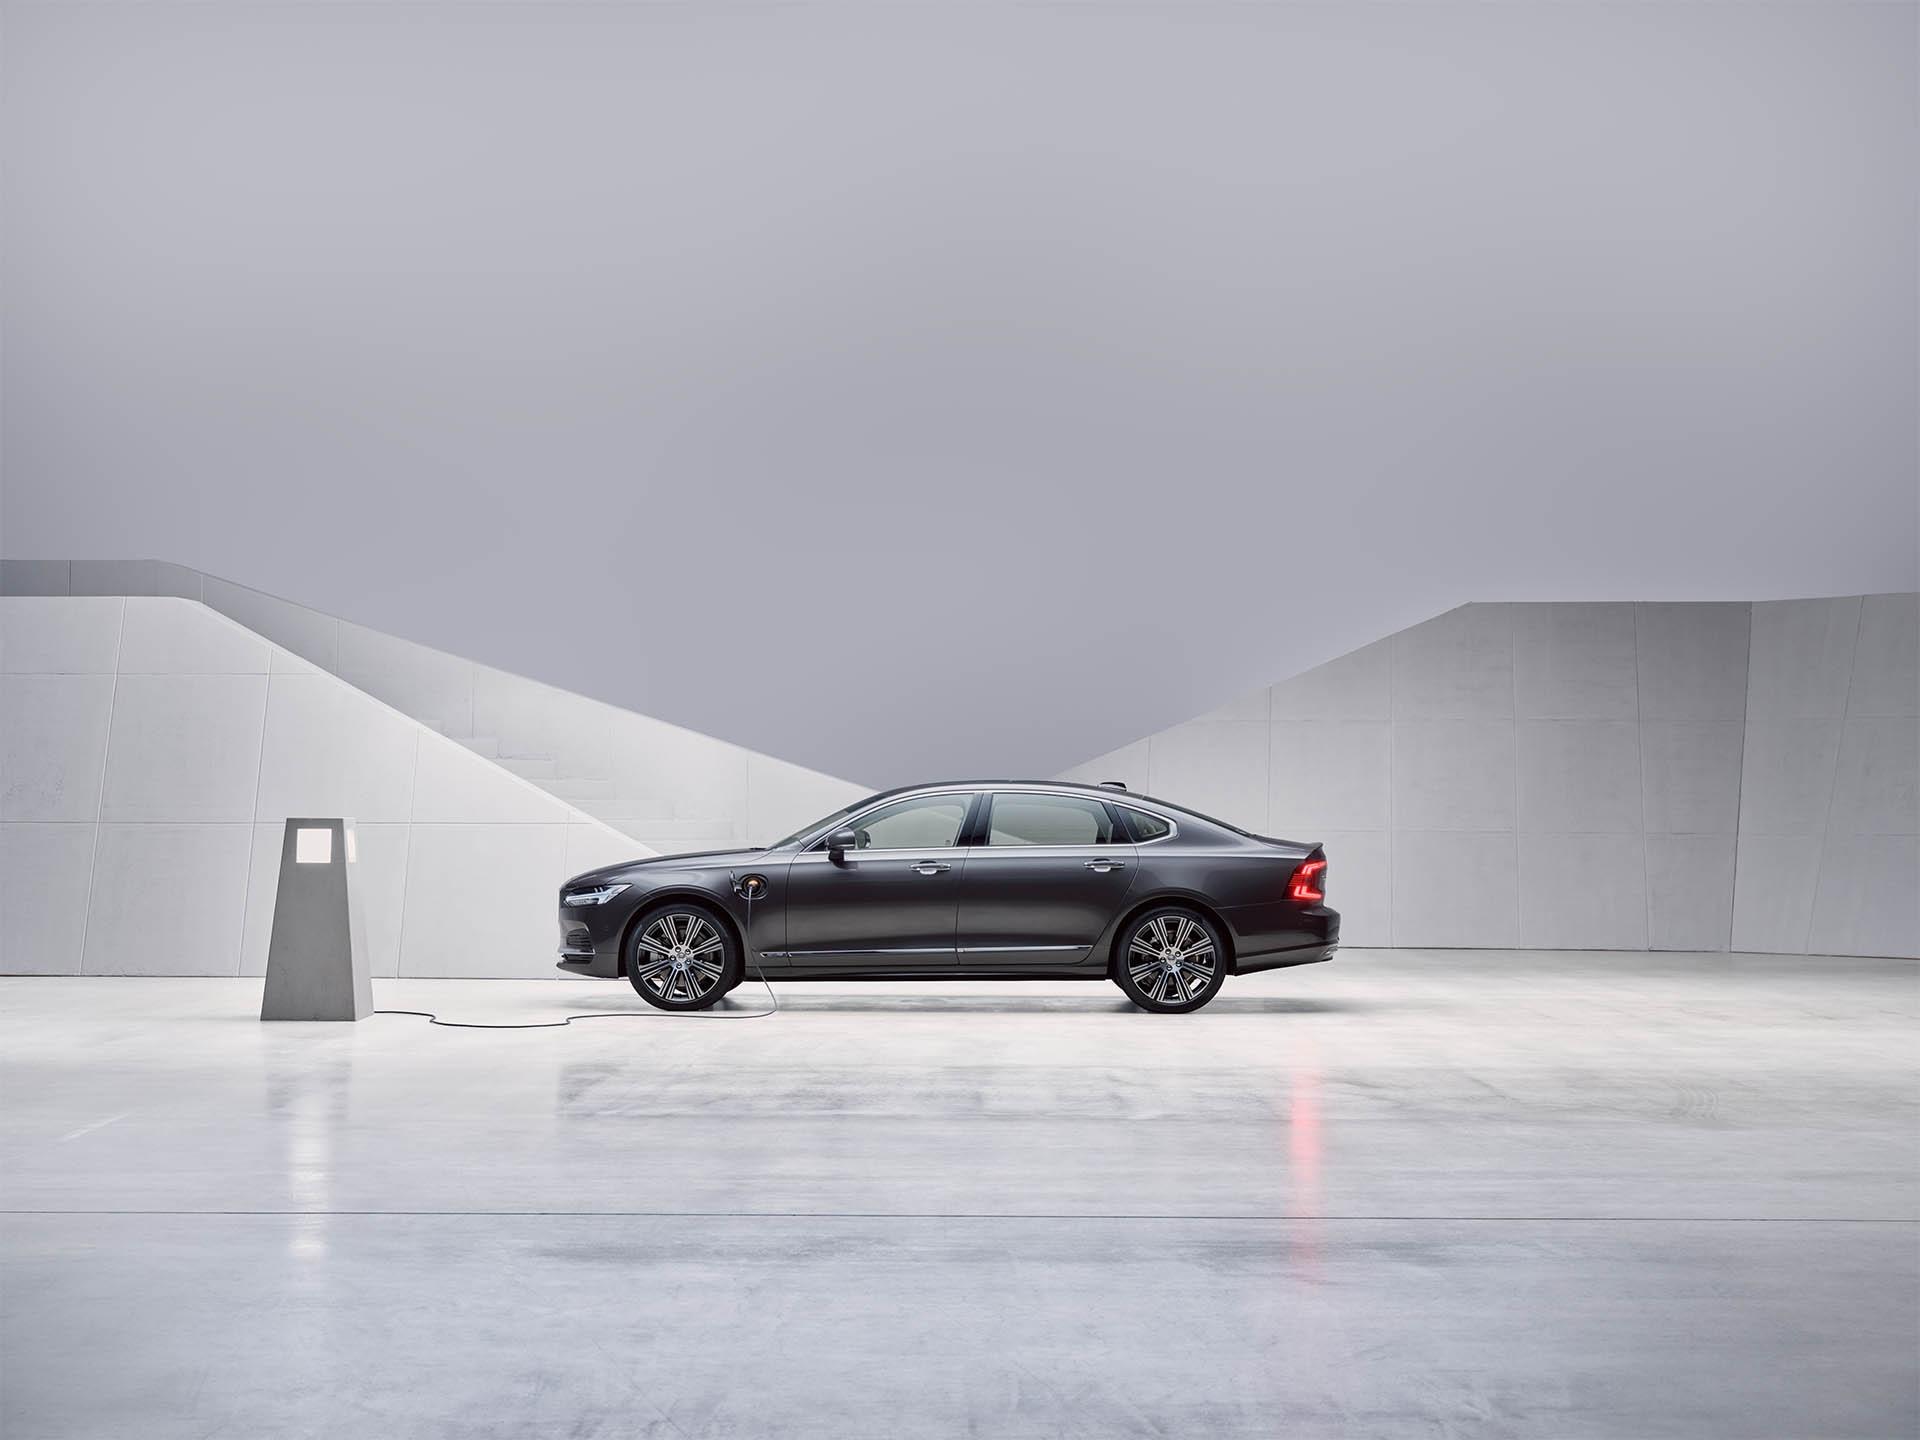 Un sedan Volvo S90 plug-in hybrid, de culoare Pebble Grey, staționând în timp ce se încarcă